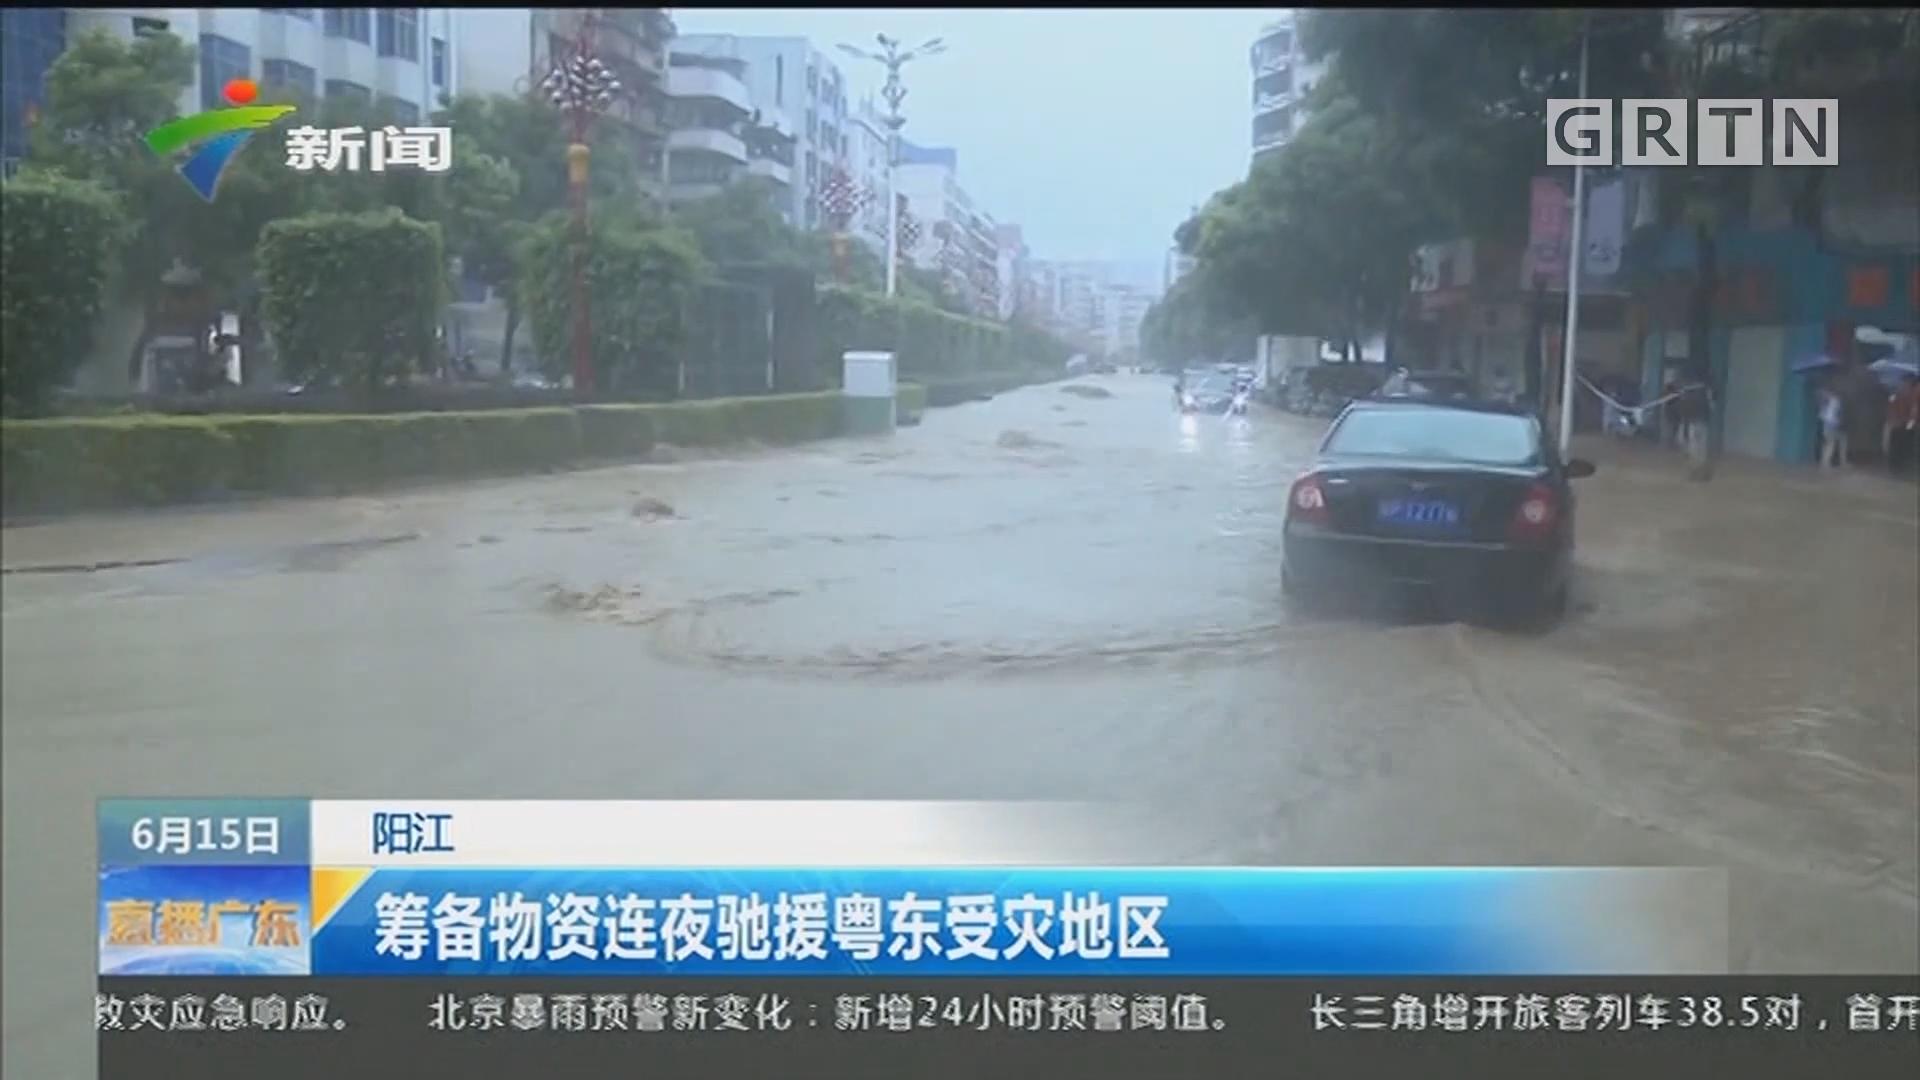 阳江:筹备物质连夜驰援粤东受灾地区